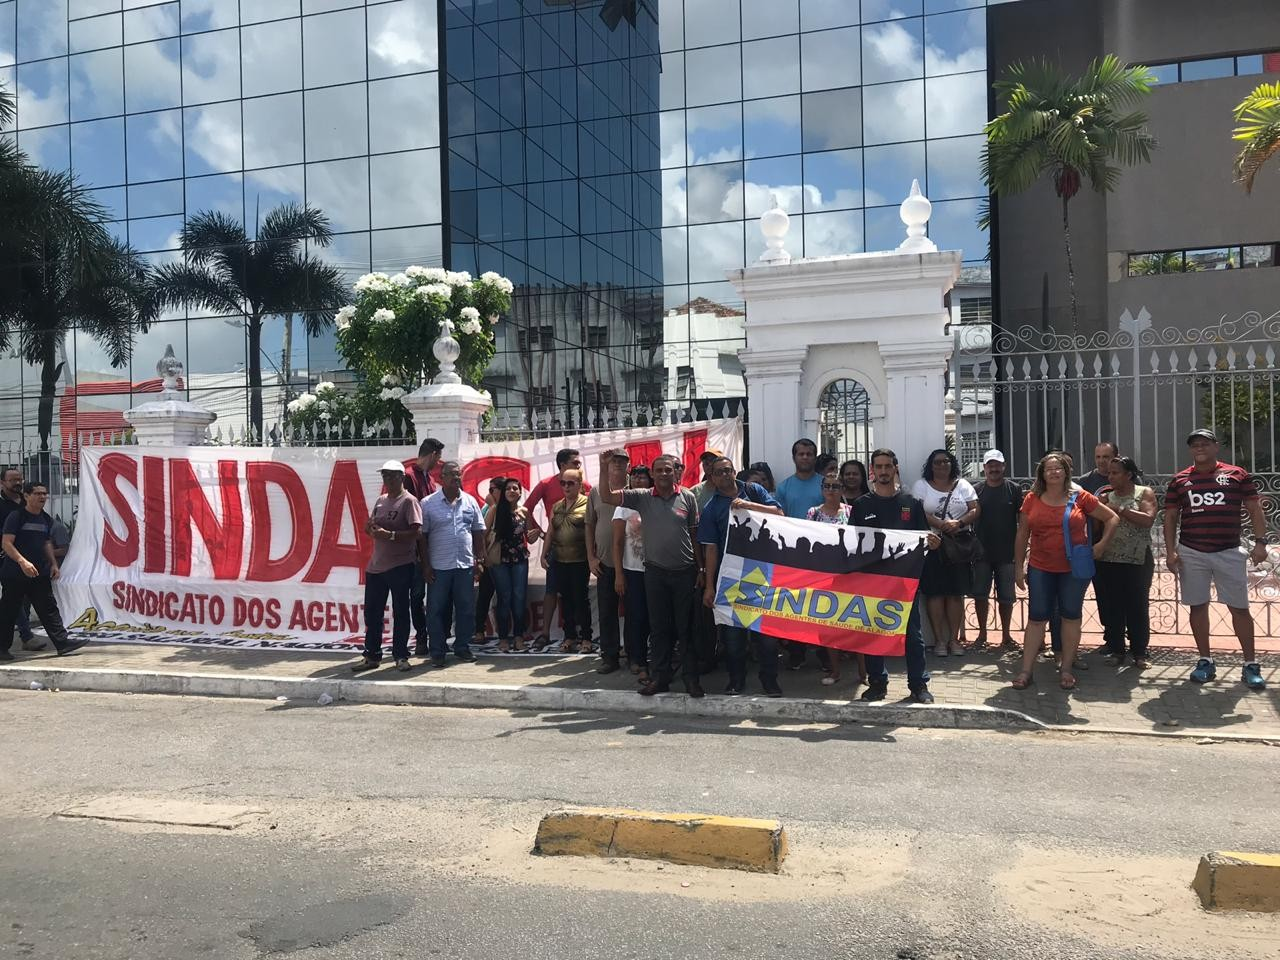 Em greve, agentes de saúde de Maceió realizam ato no Centro - Notícias - Plantão Diário